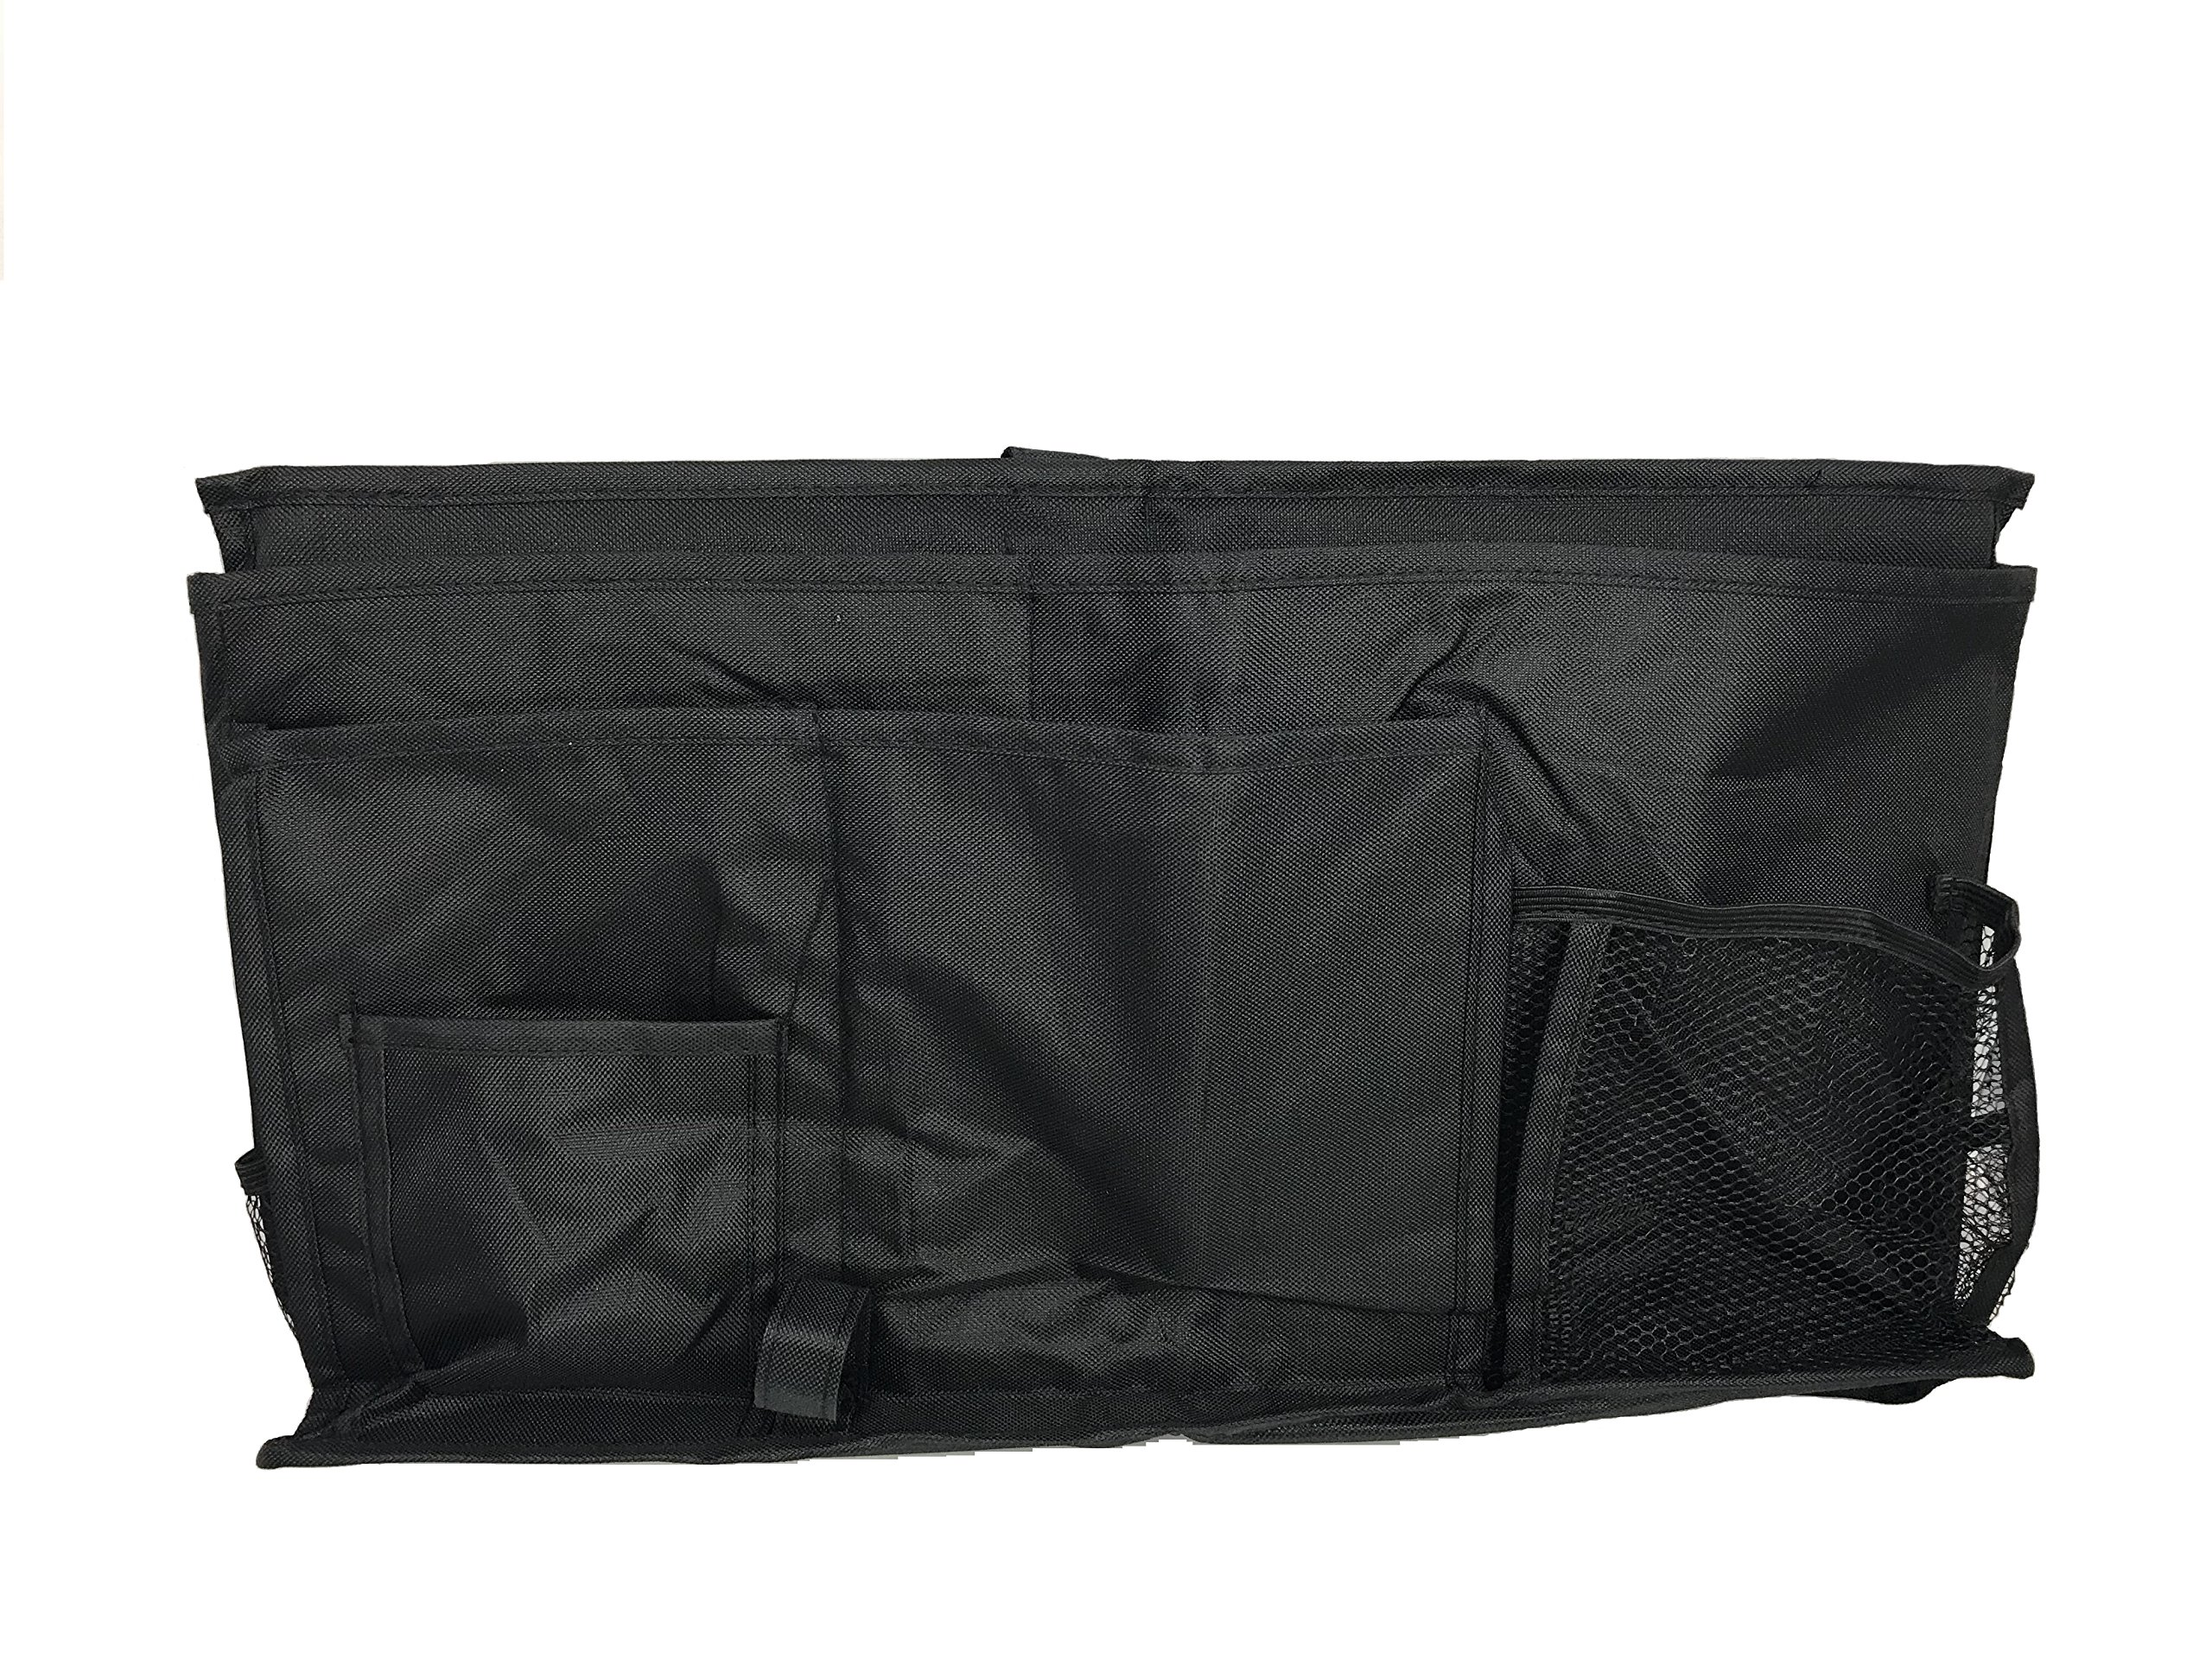 Mesh Hanging Shower Tote Bag Organizer Bundled with Bedside Caddy